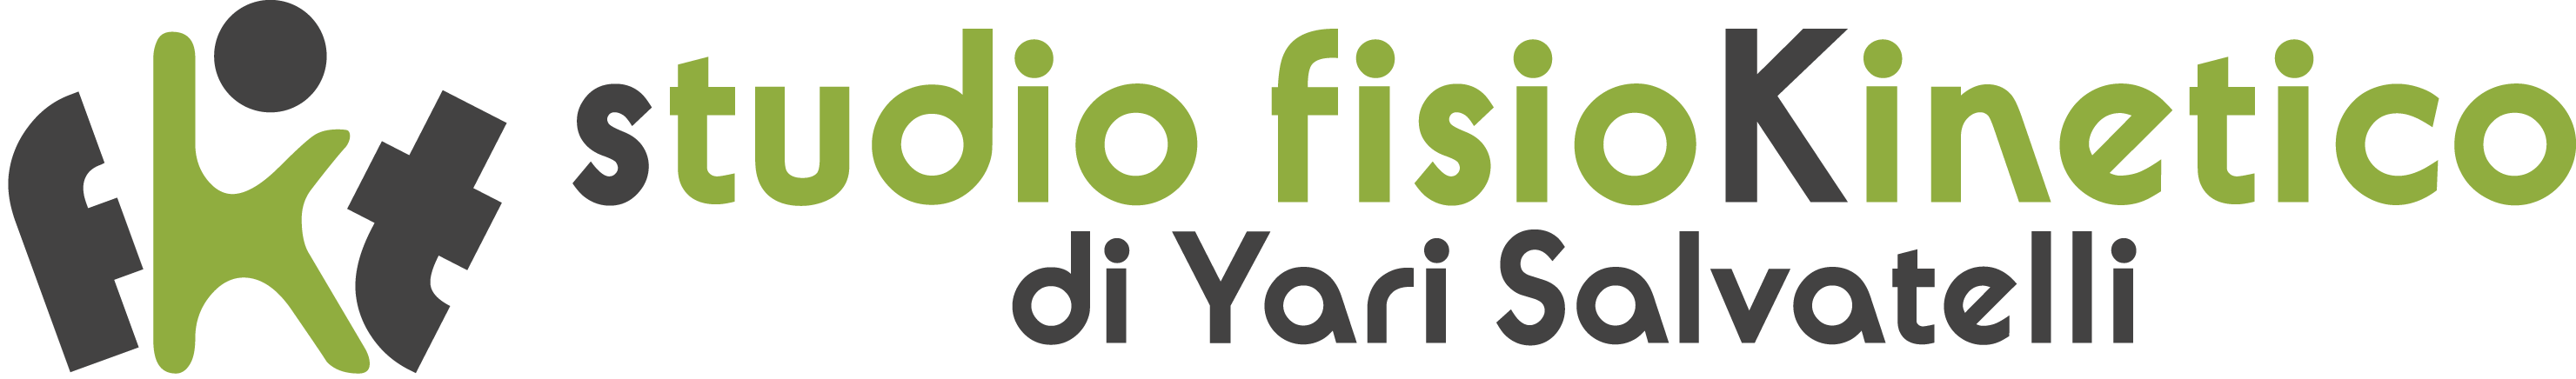 FKT Studio Fisiokinetico di Yari Salvatelli